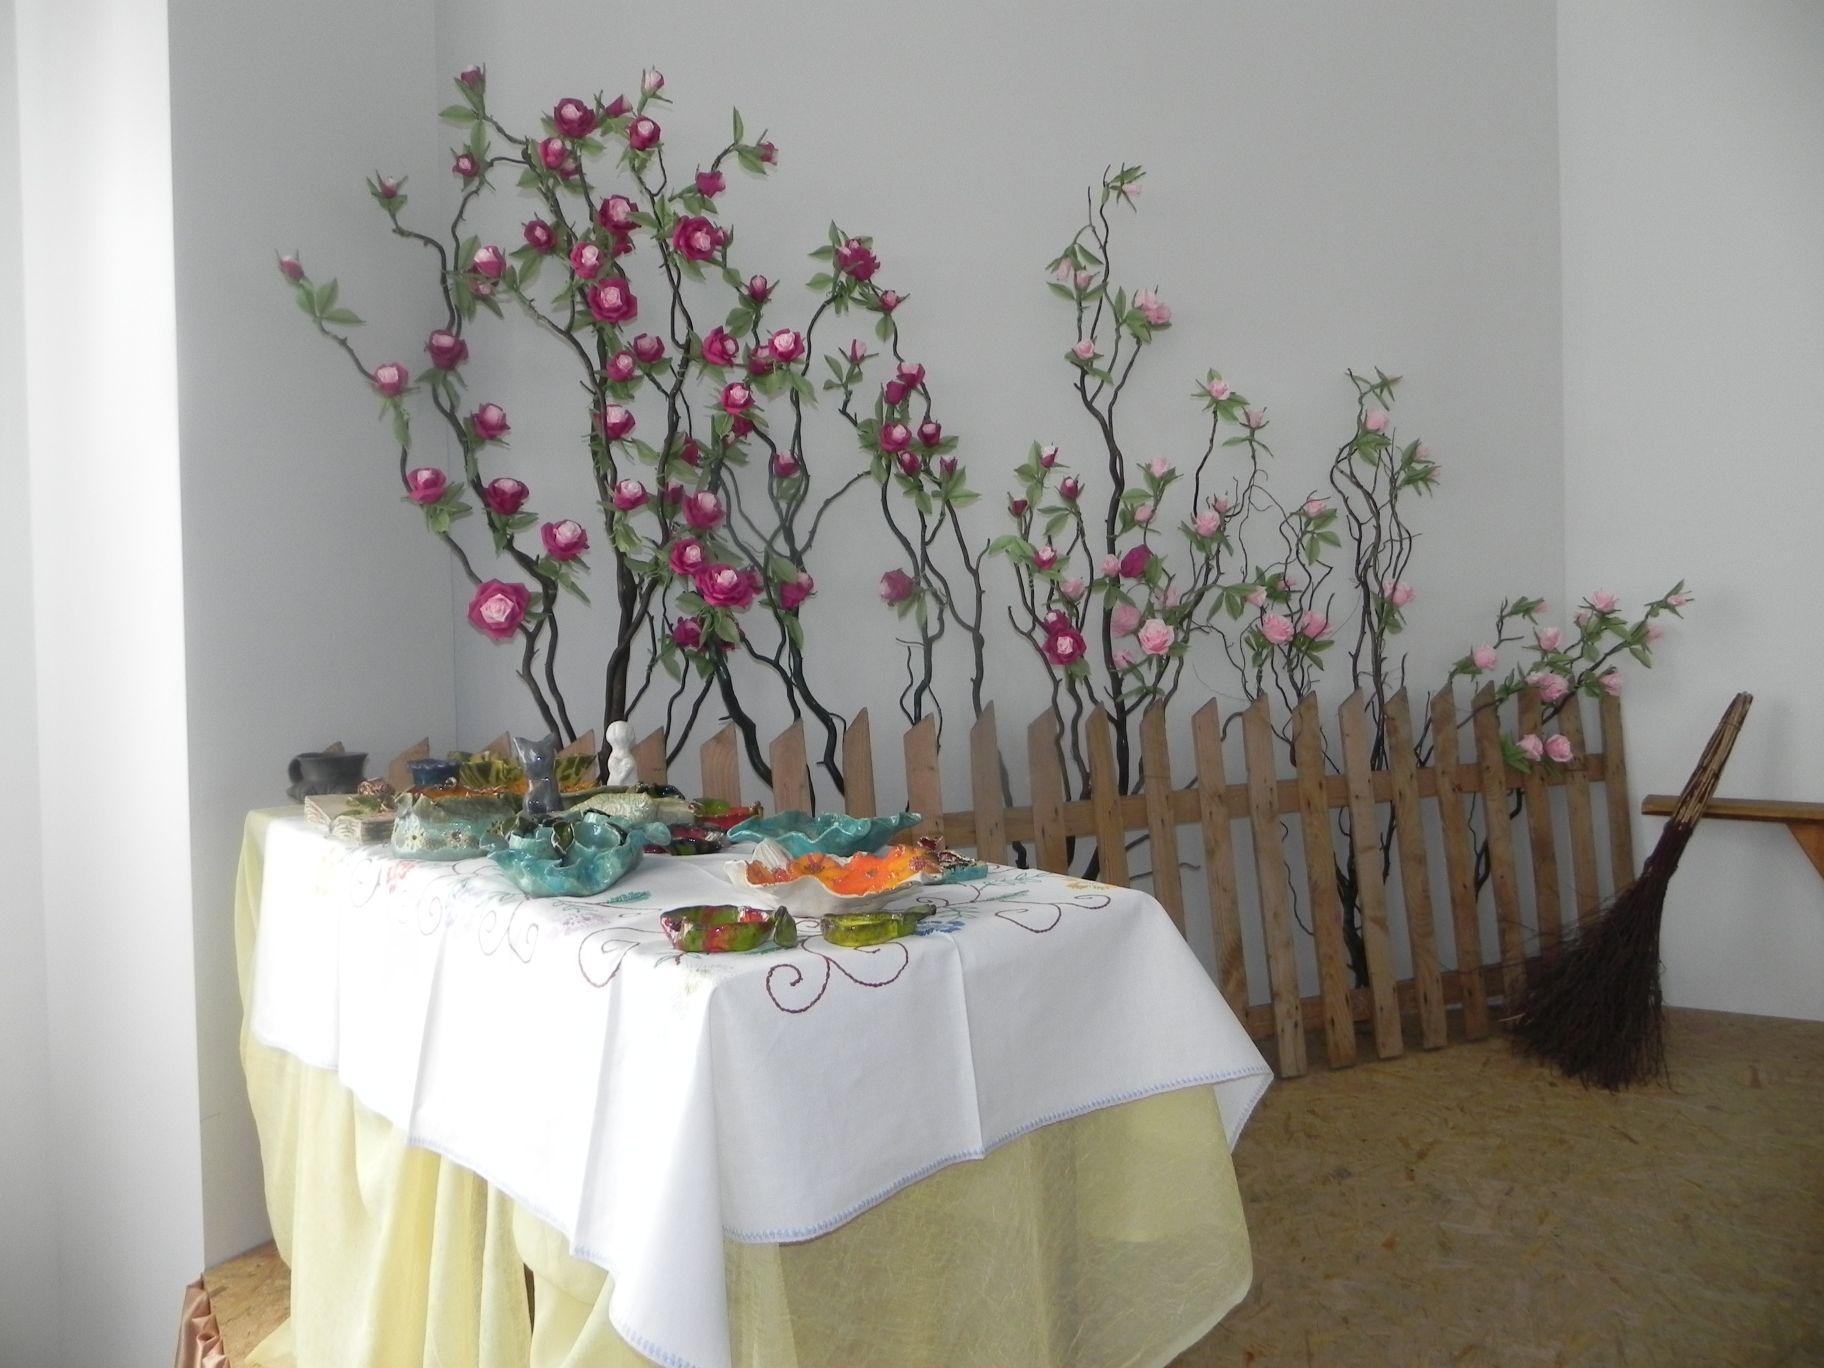 2012-12-14 Wilkowice - Konferencja Wioski tematyczne (29)